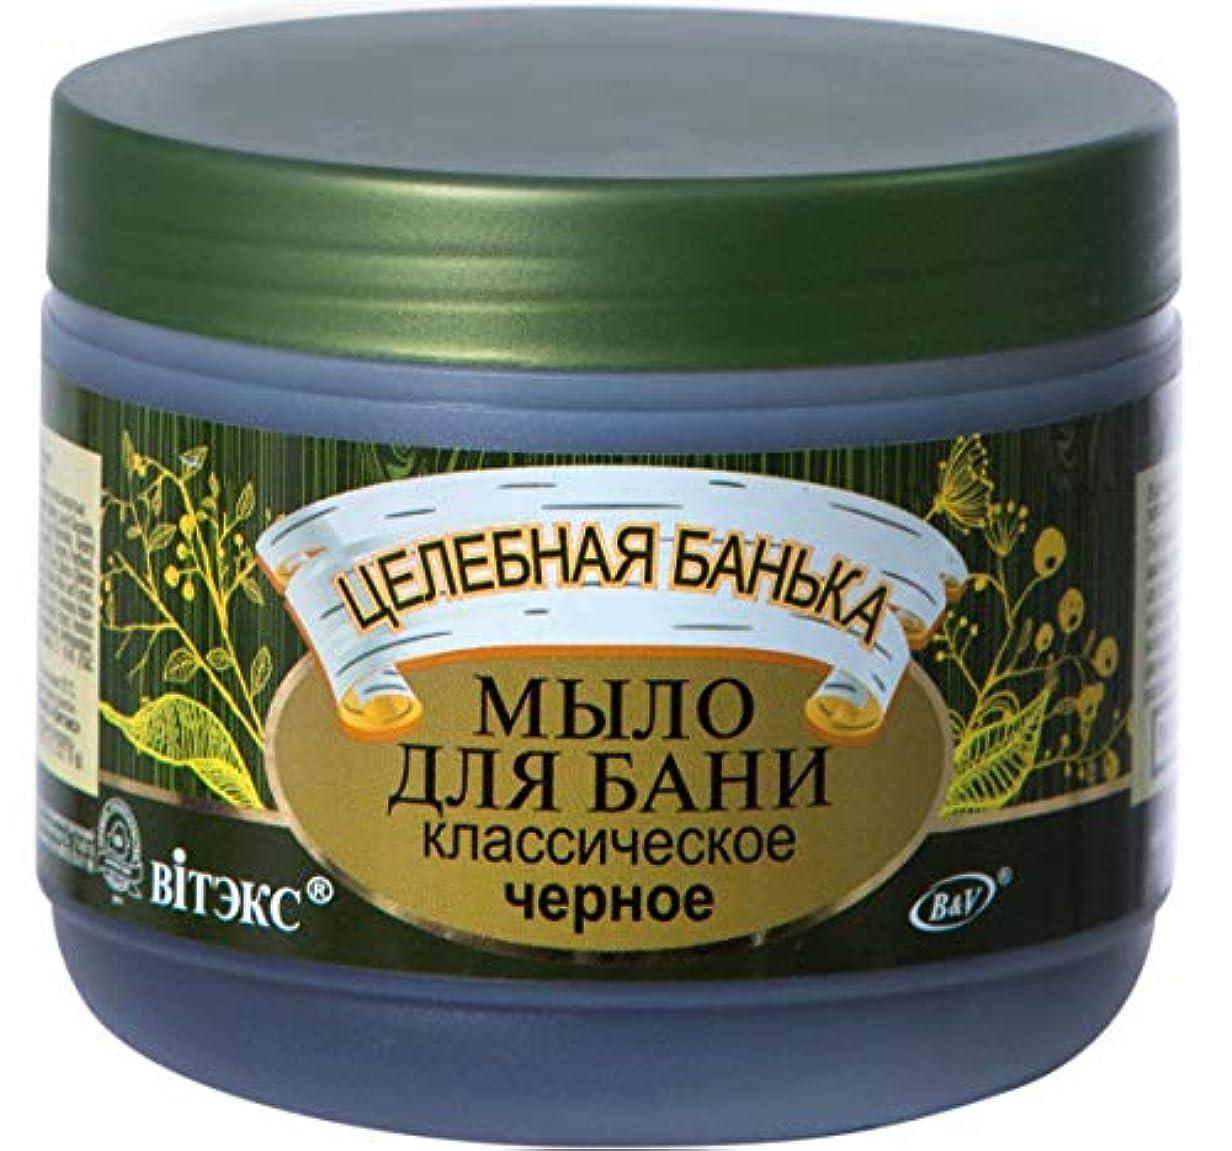 アラブ人呼ぶロケーションBIELITA & VITEX | Healing Bath | Classic Black Soap with 7 Natural Extracts